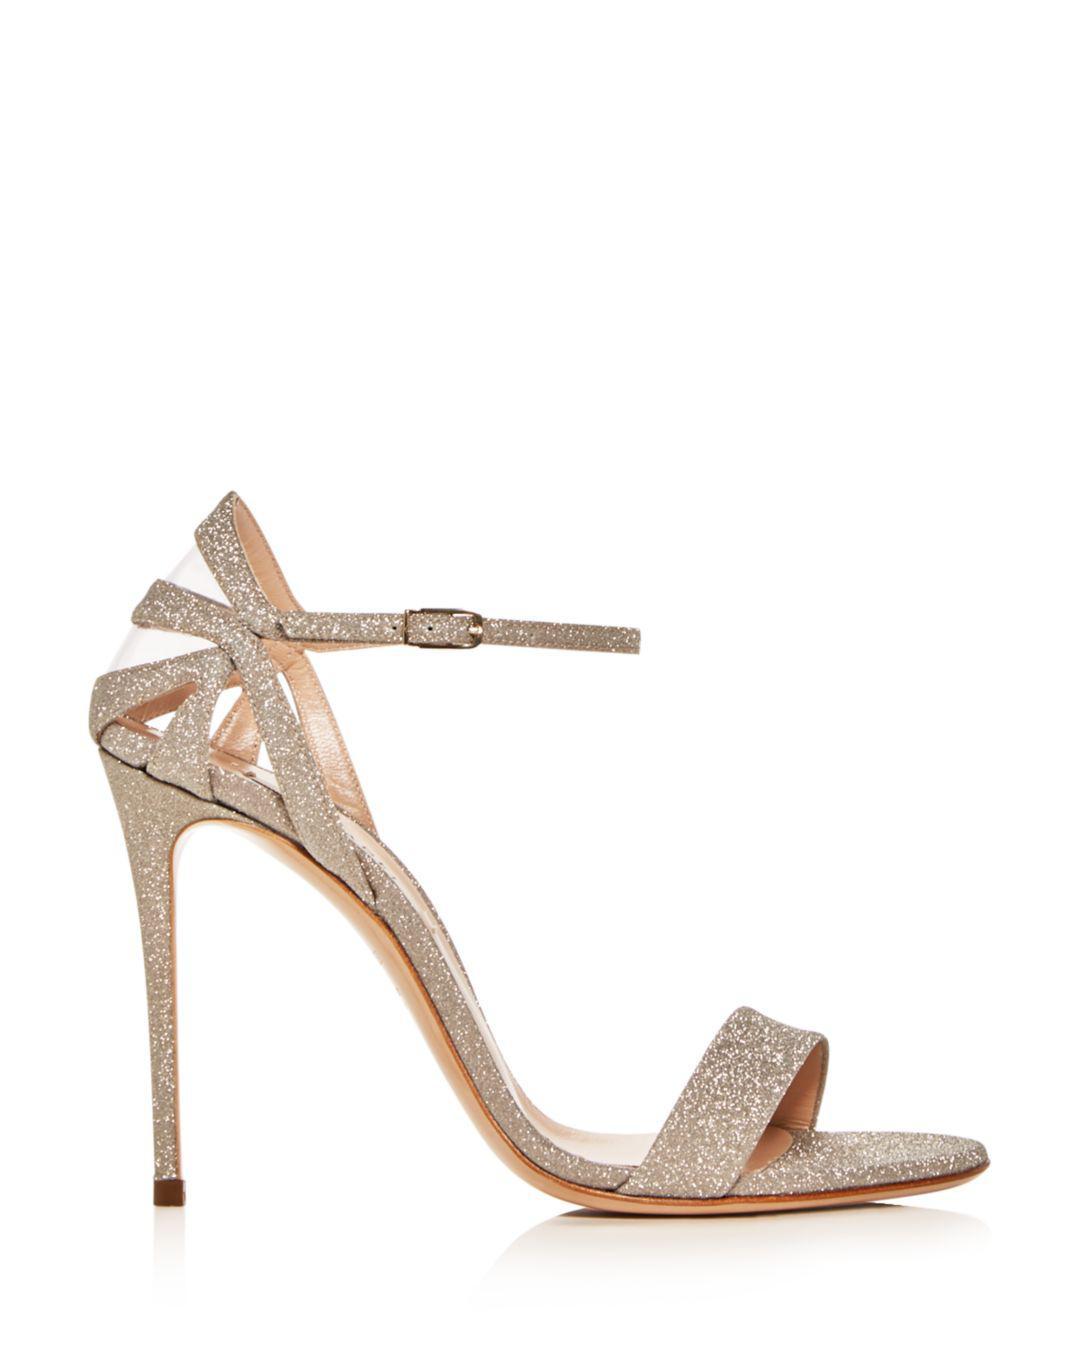 abdb6d99024 Casadei Women s Glitter Ankle-strap High-heel Sandals - Lyst